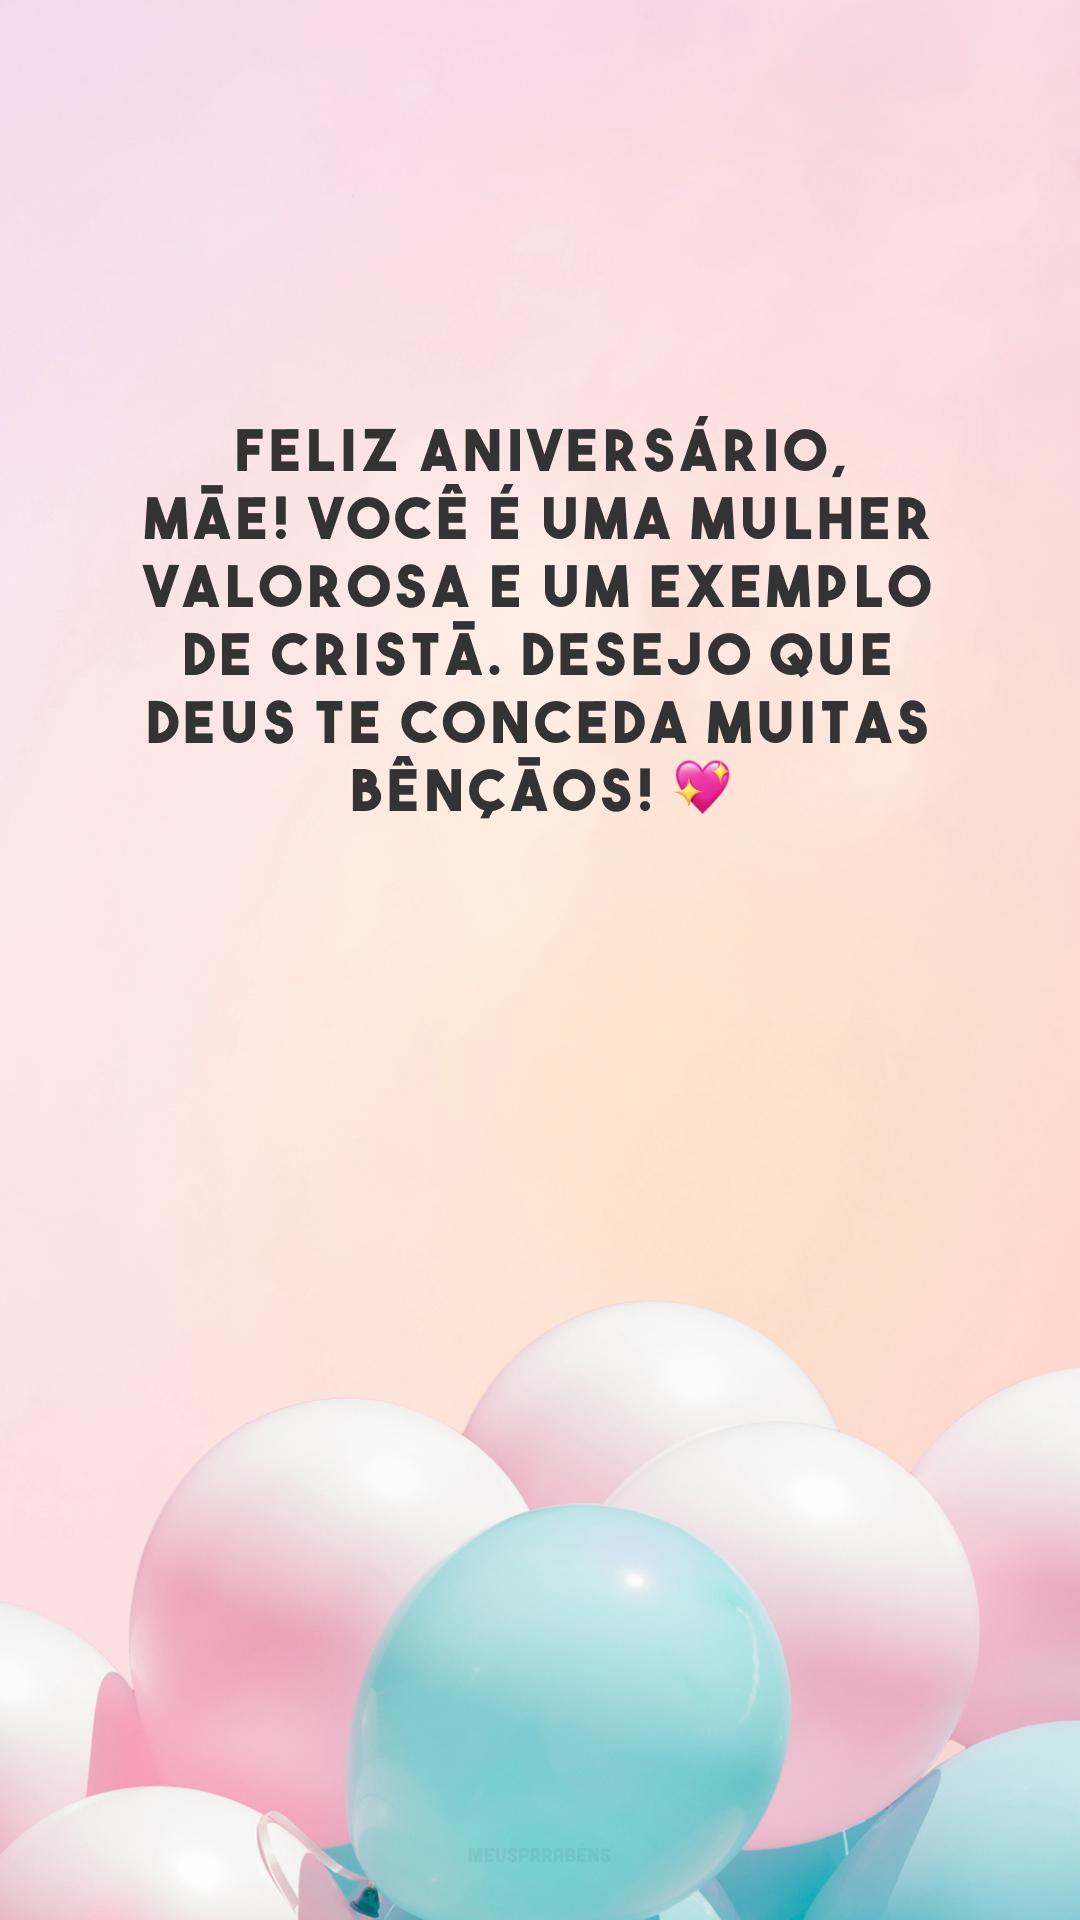 Feliz aniversário, mãe! Você é uma mulher valorosa e um exemplo de cristã. Desejo que Deus te conceda muitas bênçãos! 💖